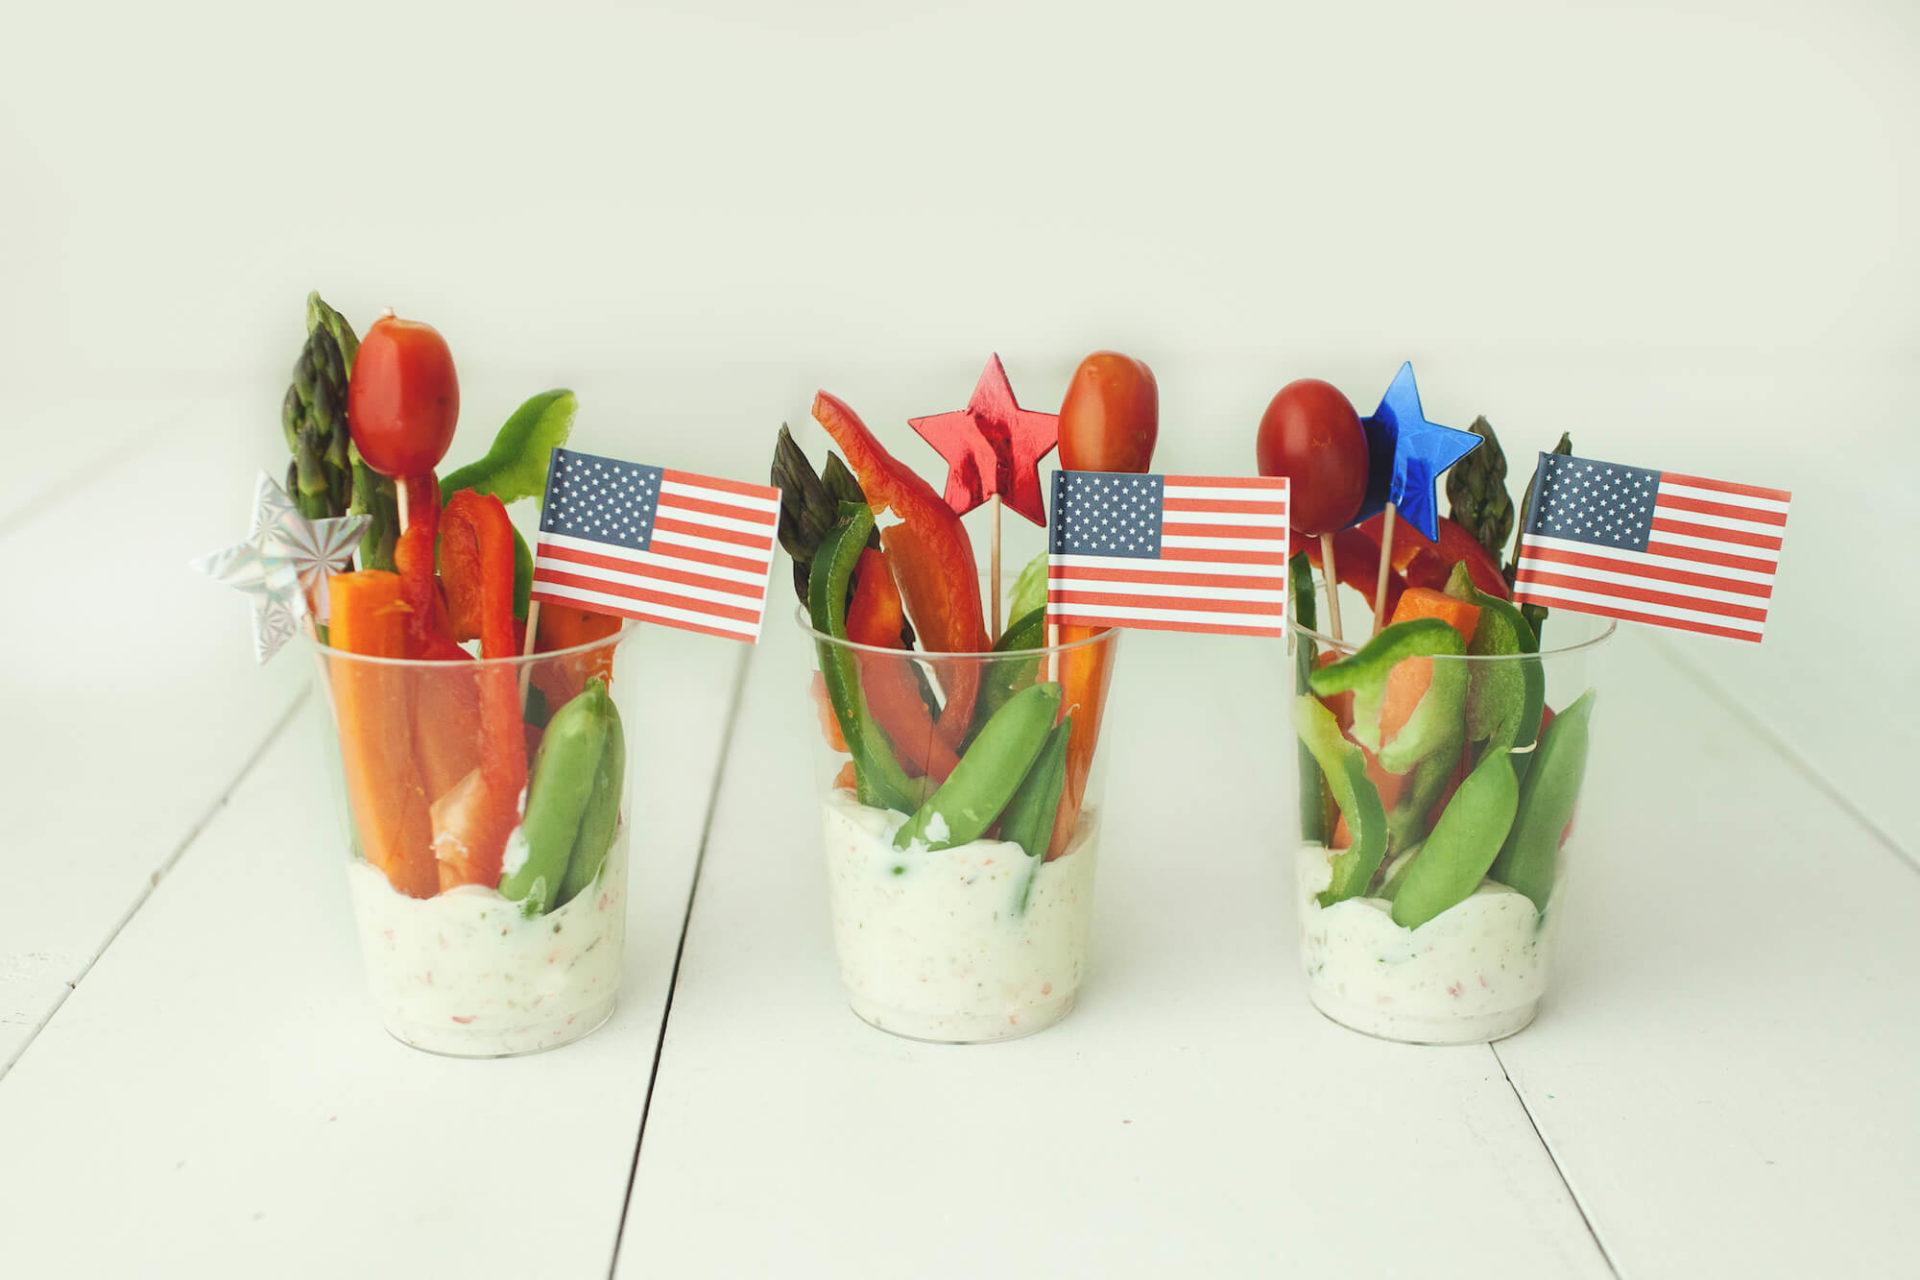 American Veggie Cups